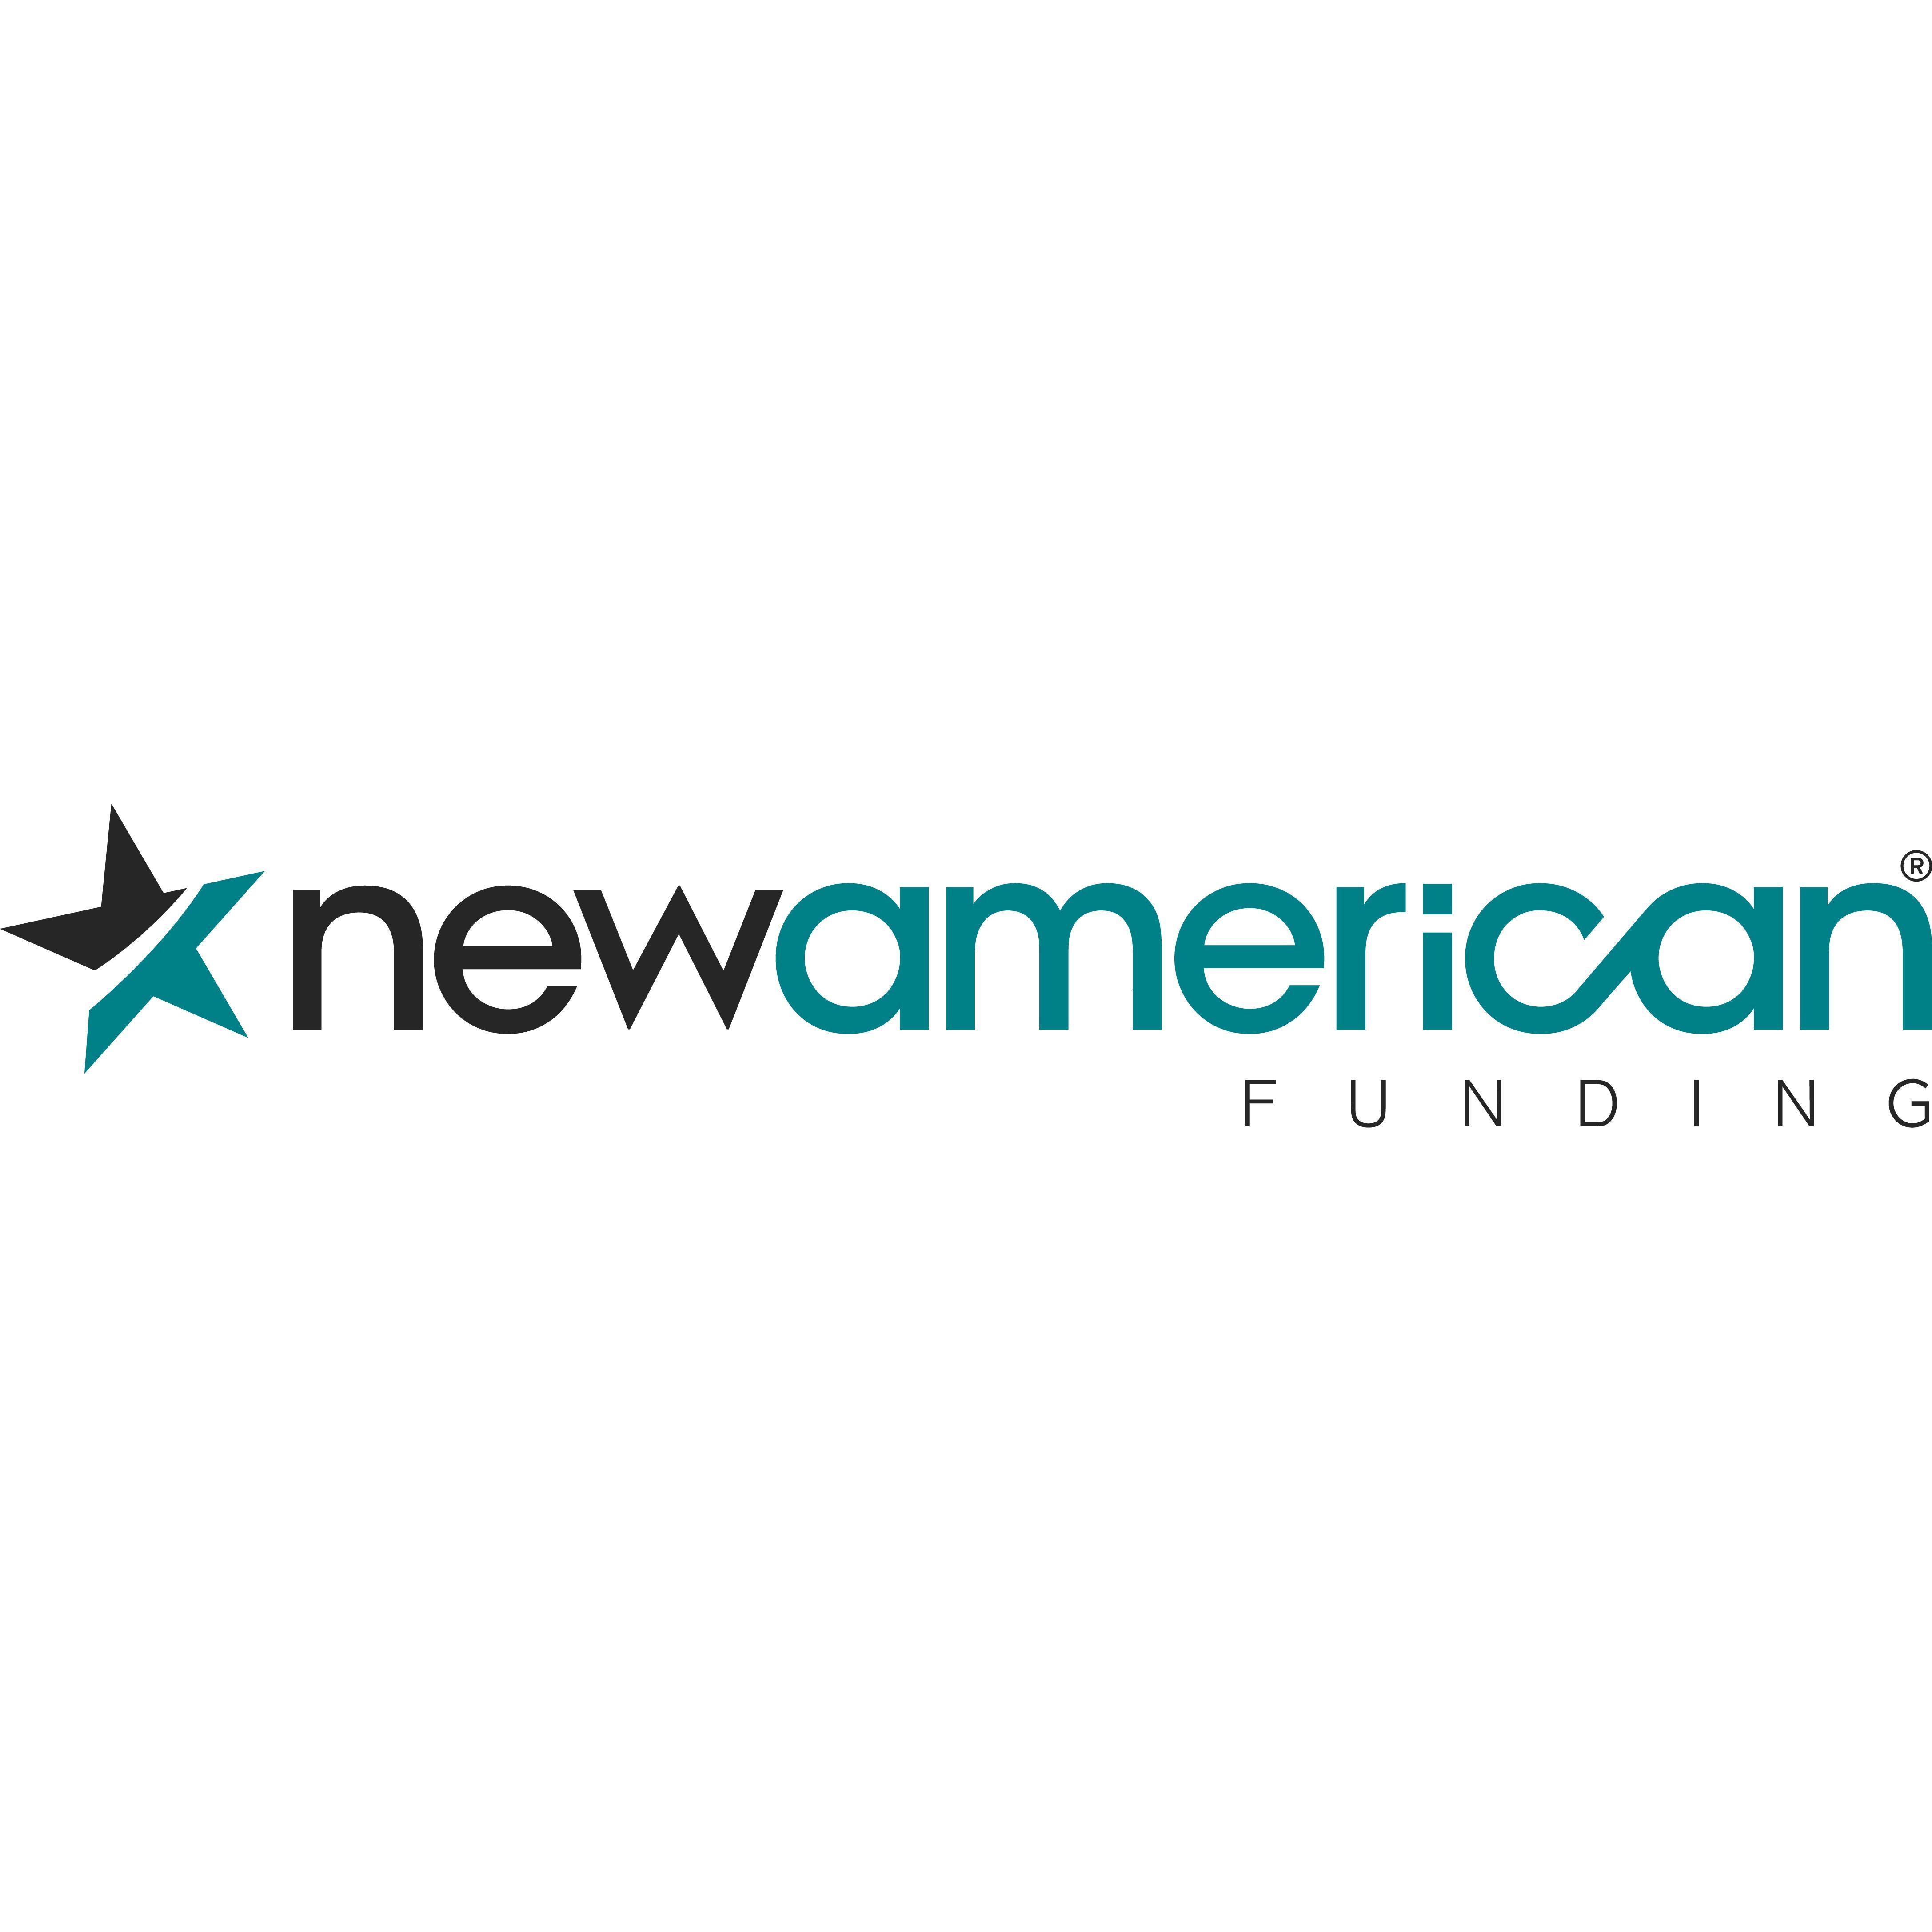 New American Funding - Siobhan Keating image 1